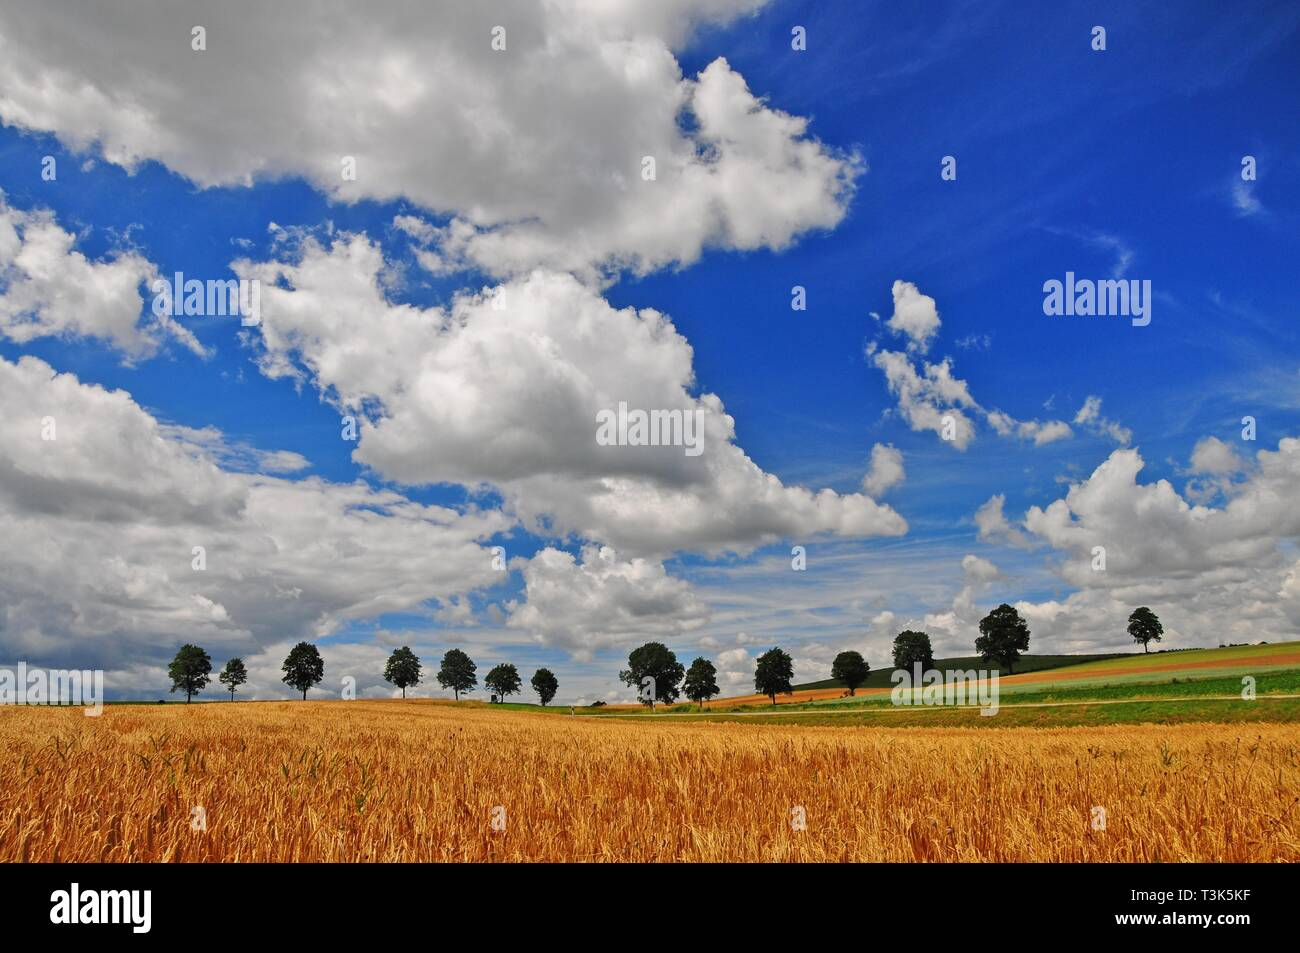 Summery cloudy sky, fields, Unterallgau near Kirchheim, Swabia, Bavaria, Germany, Europe - Stock Image